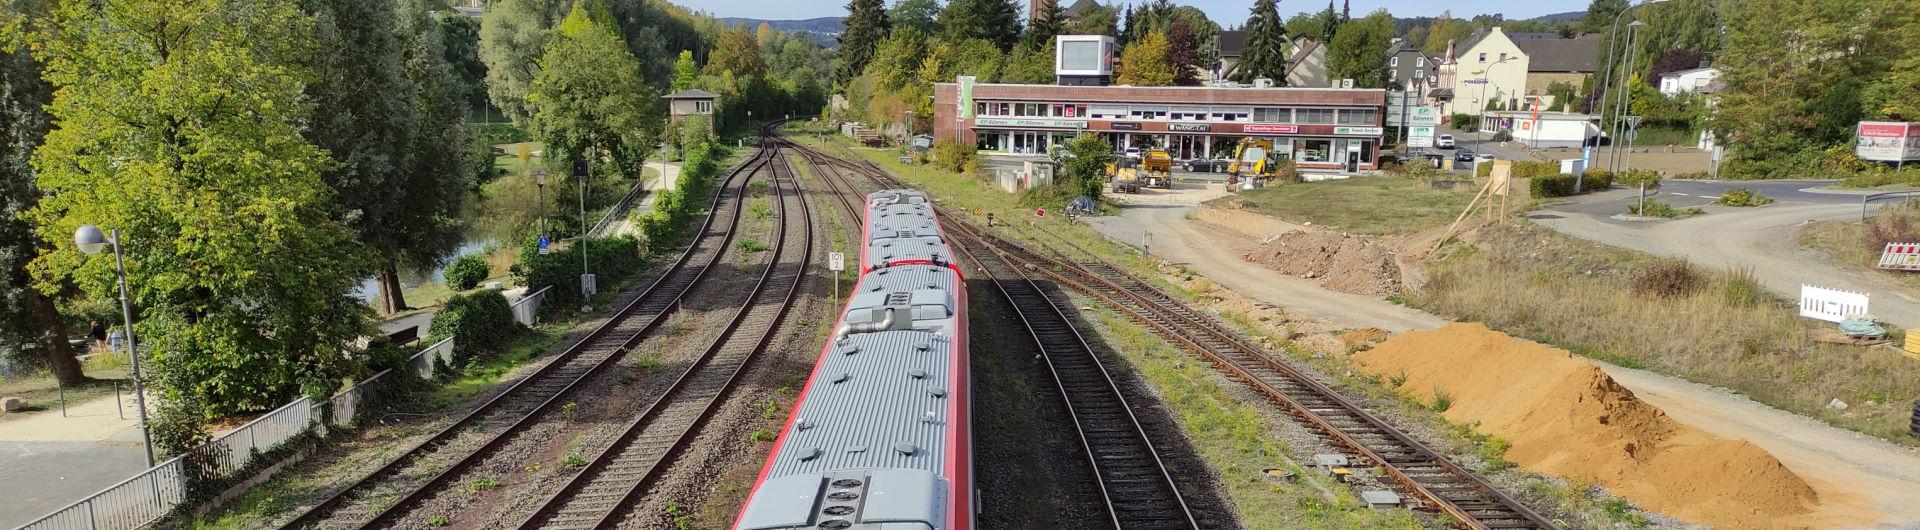 Ausfahrender Zug aus dem Bahnhof Gerolstein in Richtung Trier